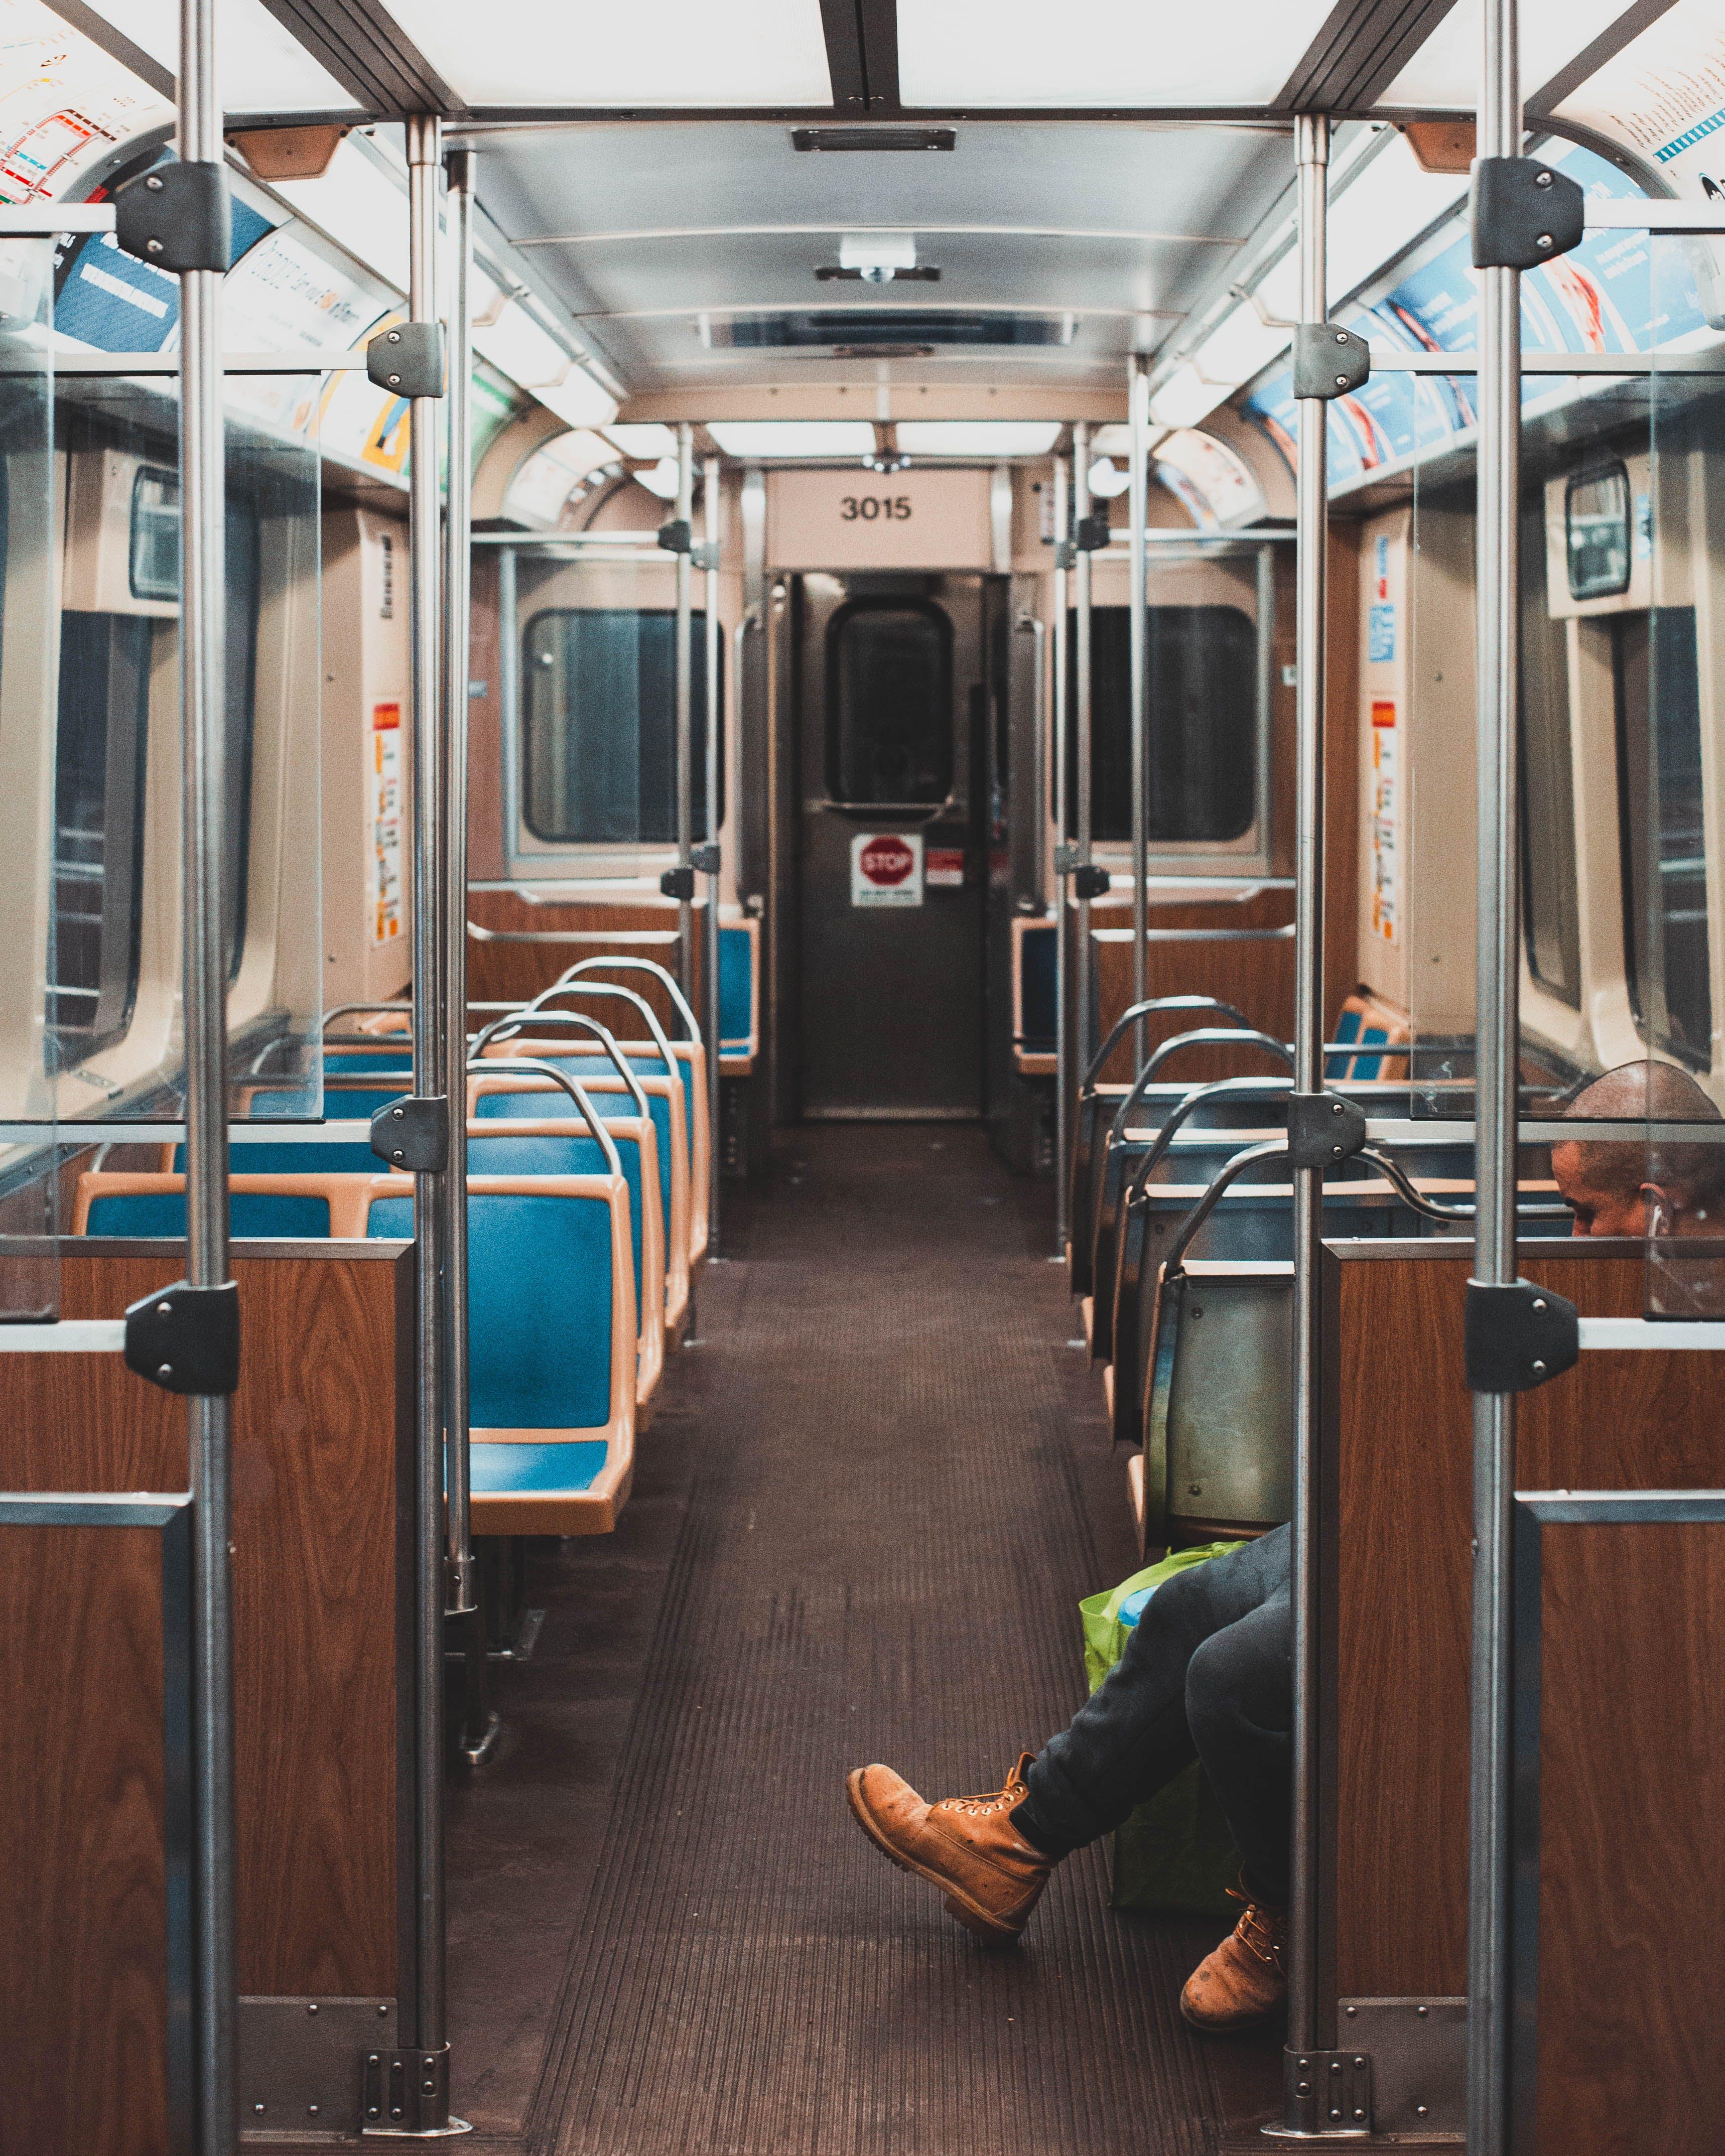 乘客, 交通系統, 人, 公共交通工具 的 免費圖庫相片